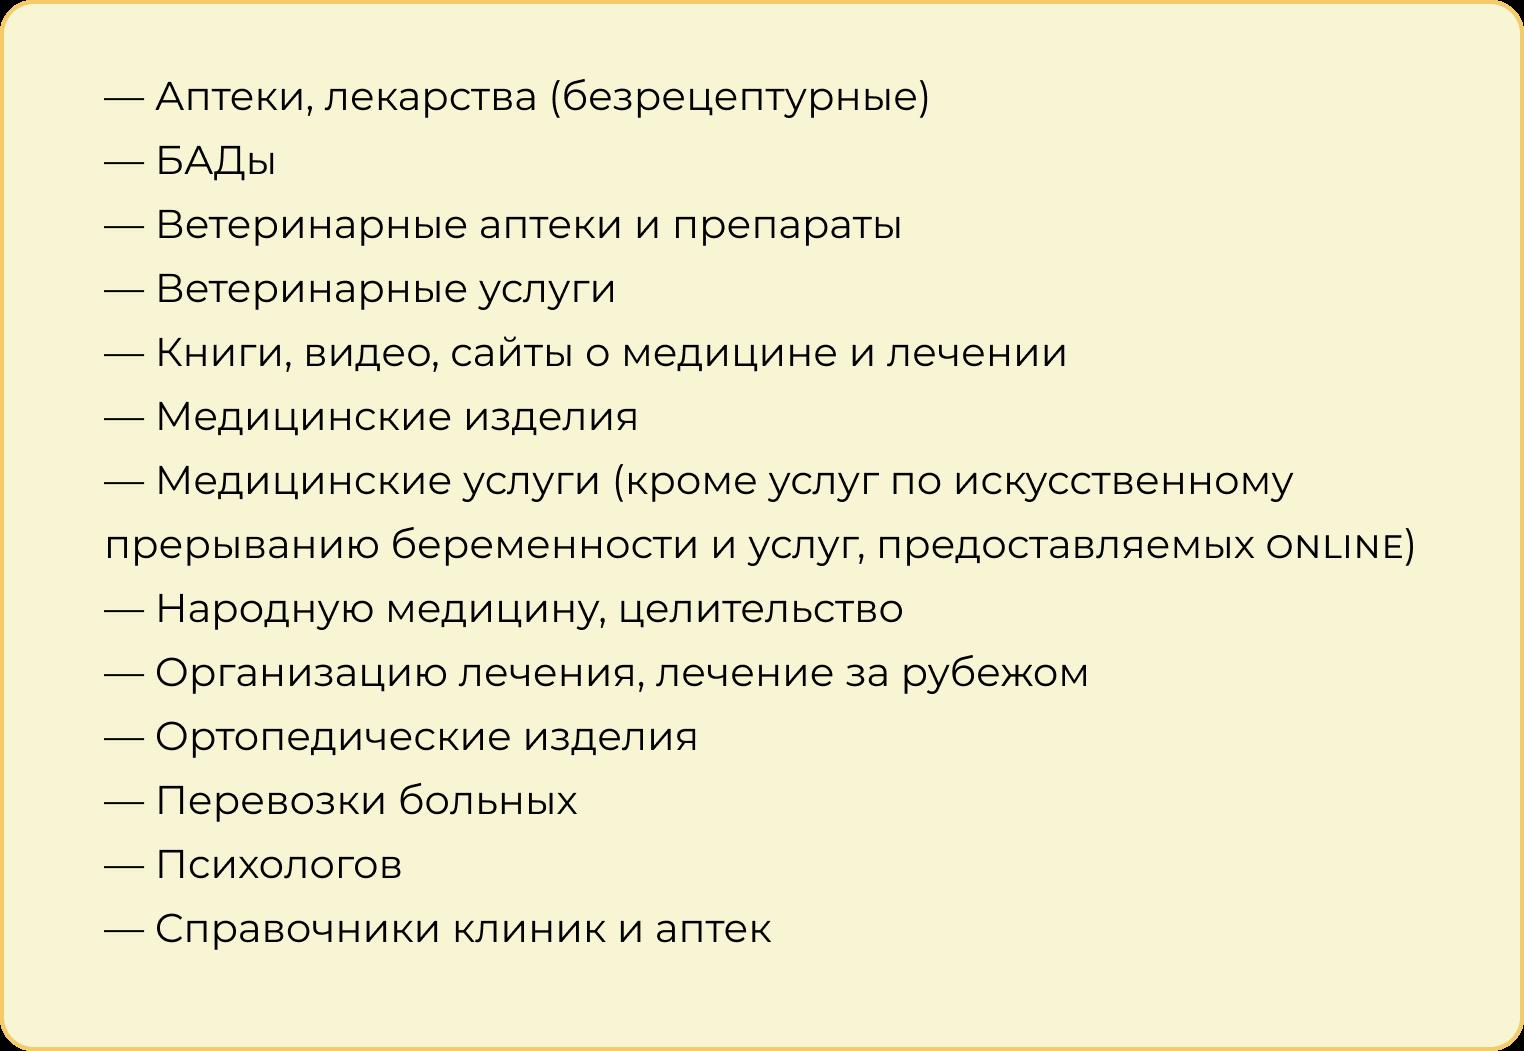 Реклама этих направлений медицины в Яндекс.Директе разрешена с ограничениями